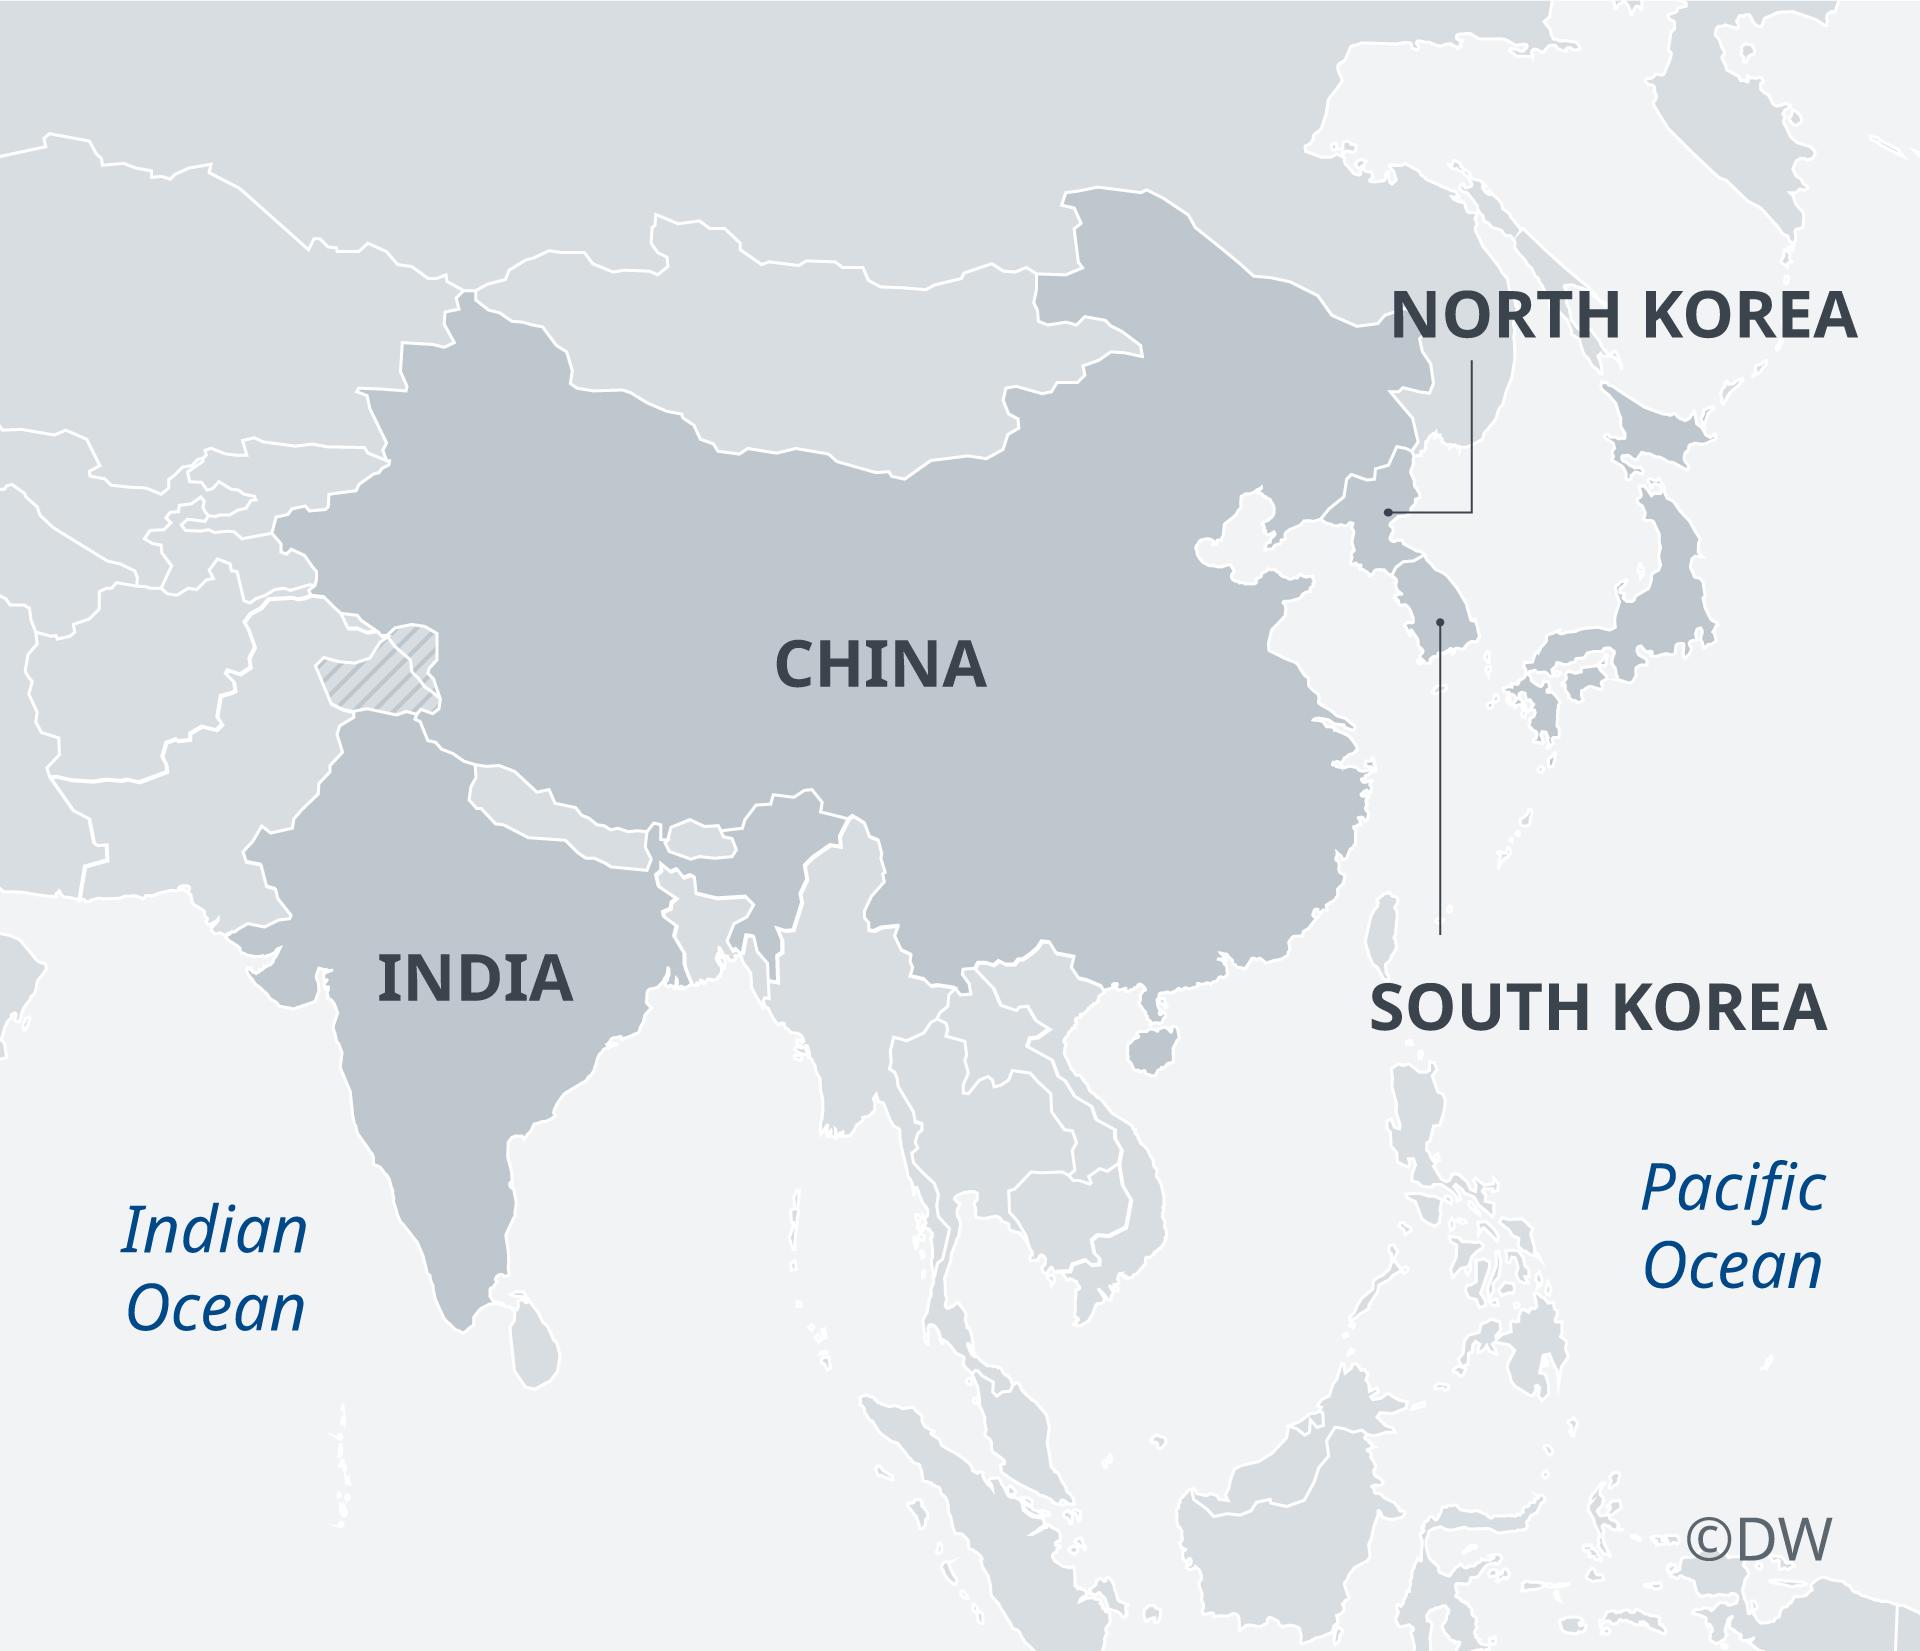 Kawasan Indo-Pasifik menyimpan potensi konflik yang besar, terutama seputar kebijakan Cina dan Korea Utara.